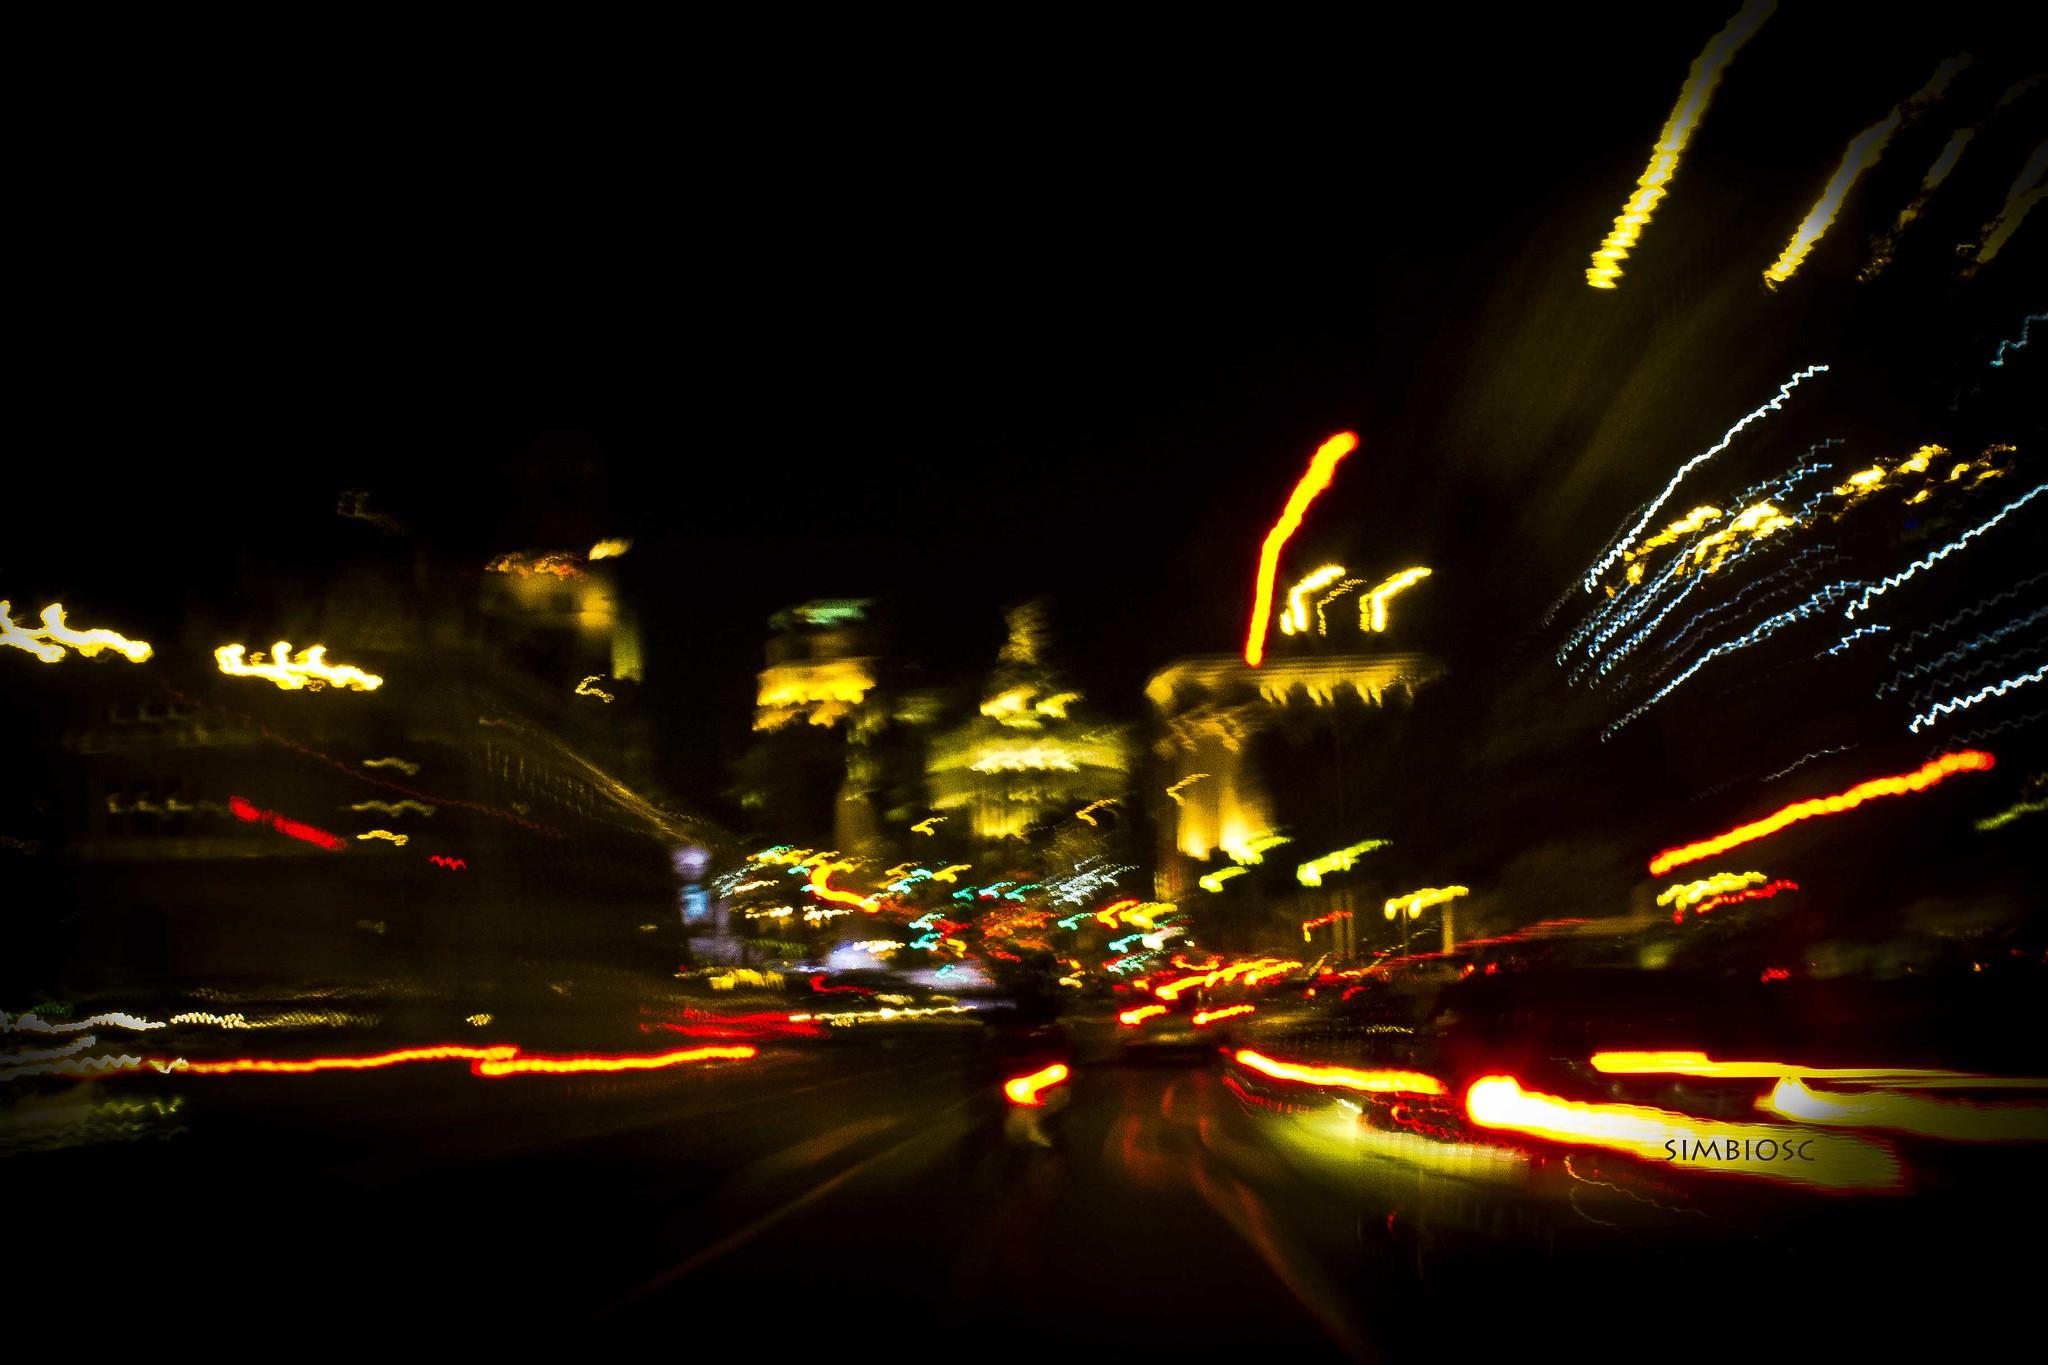 Conducción nocturna   Foto: Creativecommons.org